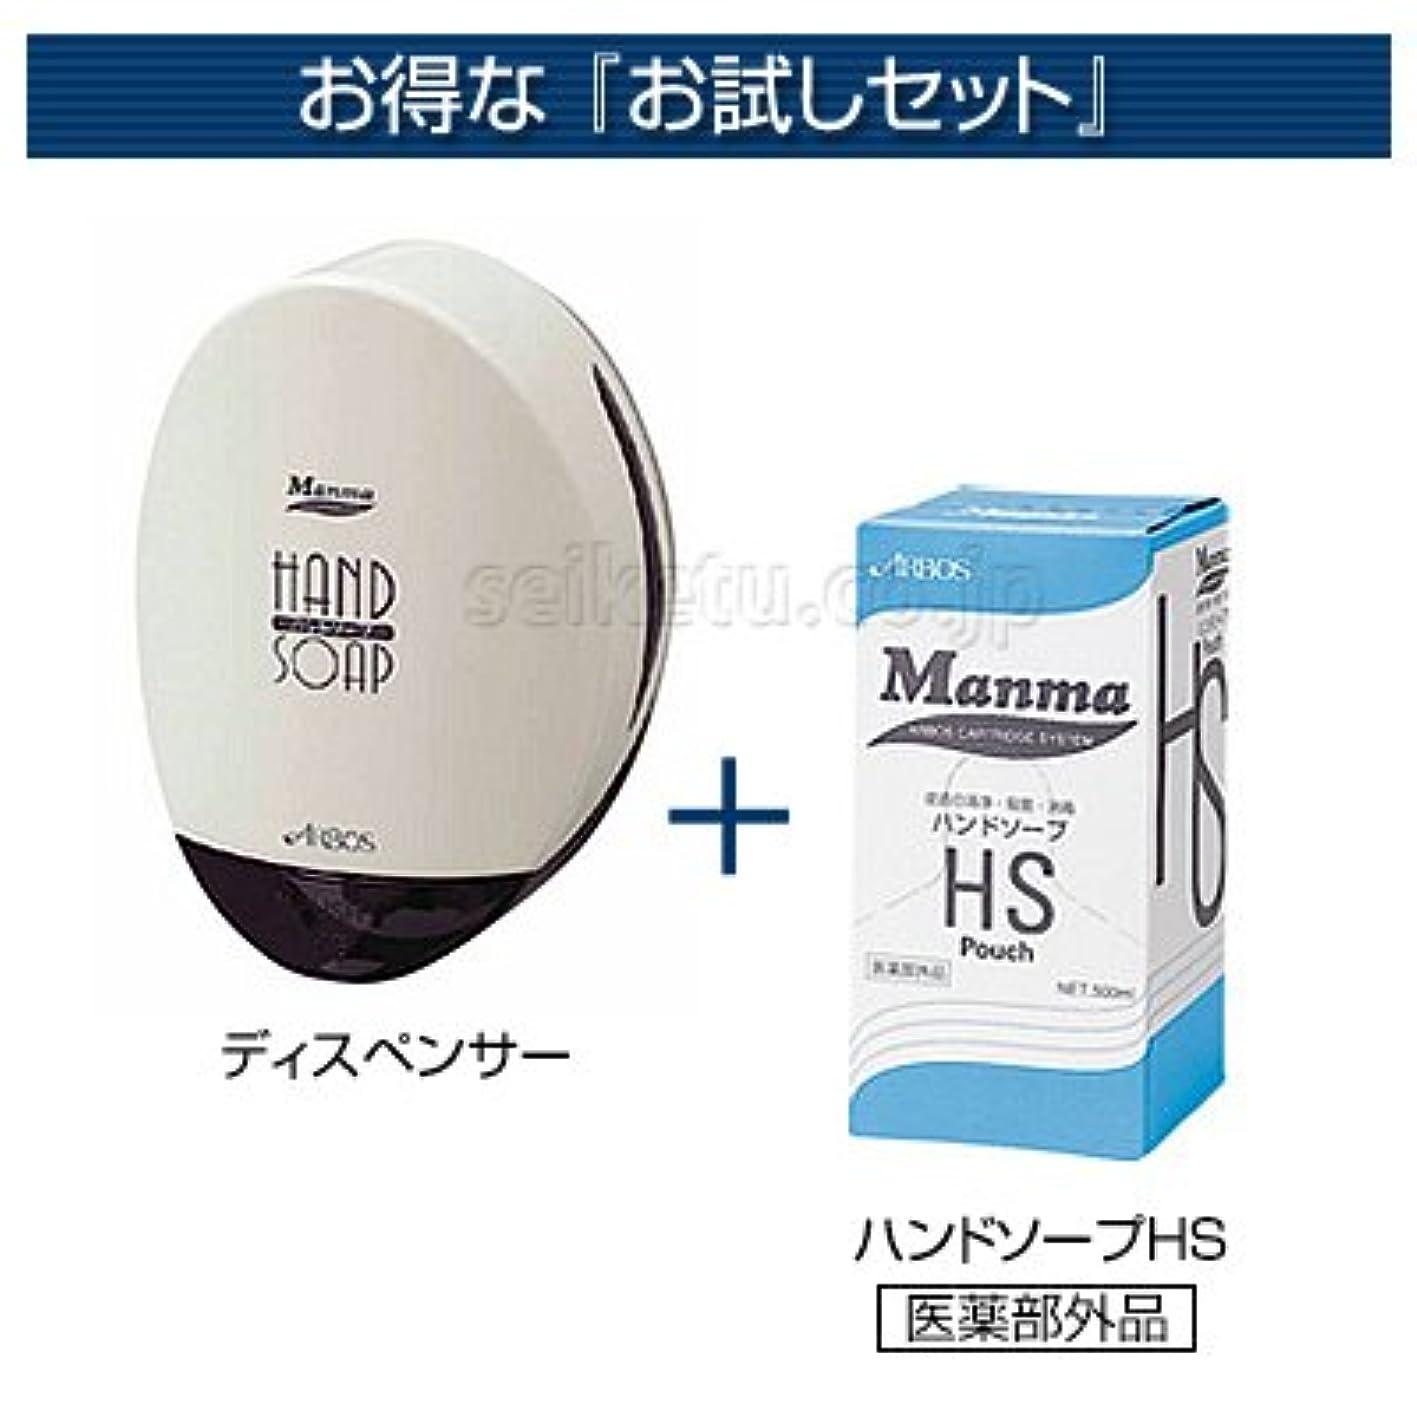 採用水素富Manma ハンドソープ【清潔キレイ館お試しセット】本体+専用カートリッジHS(500mL)